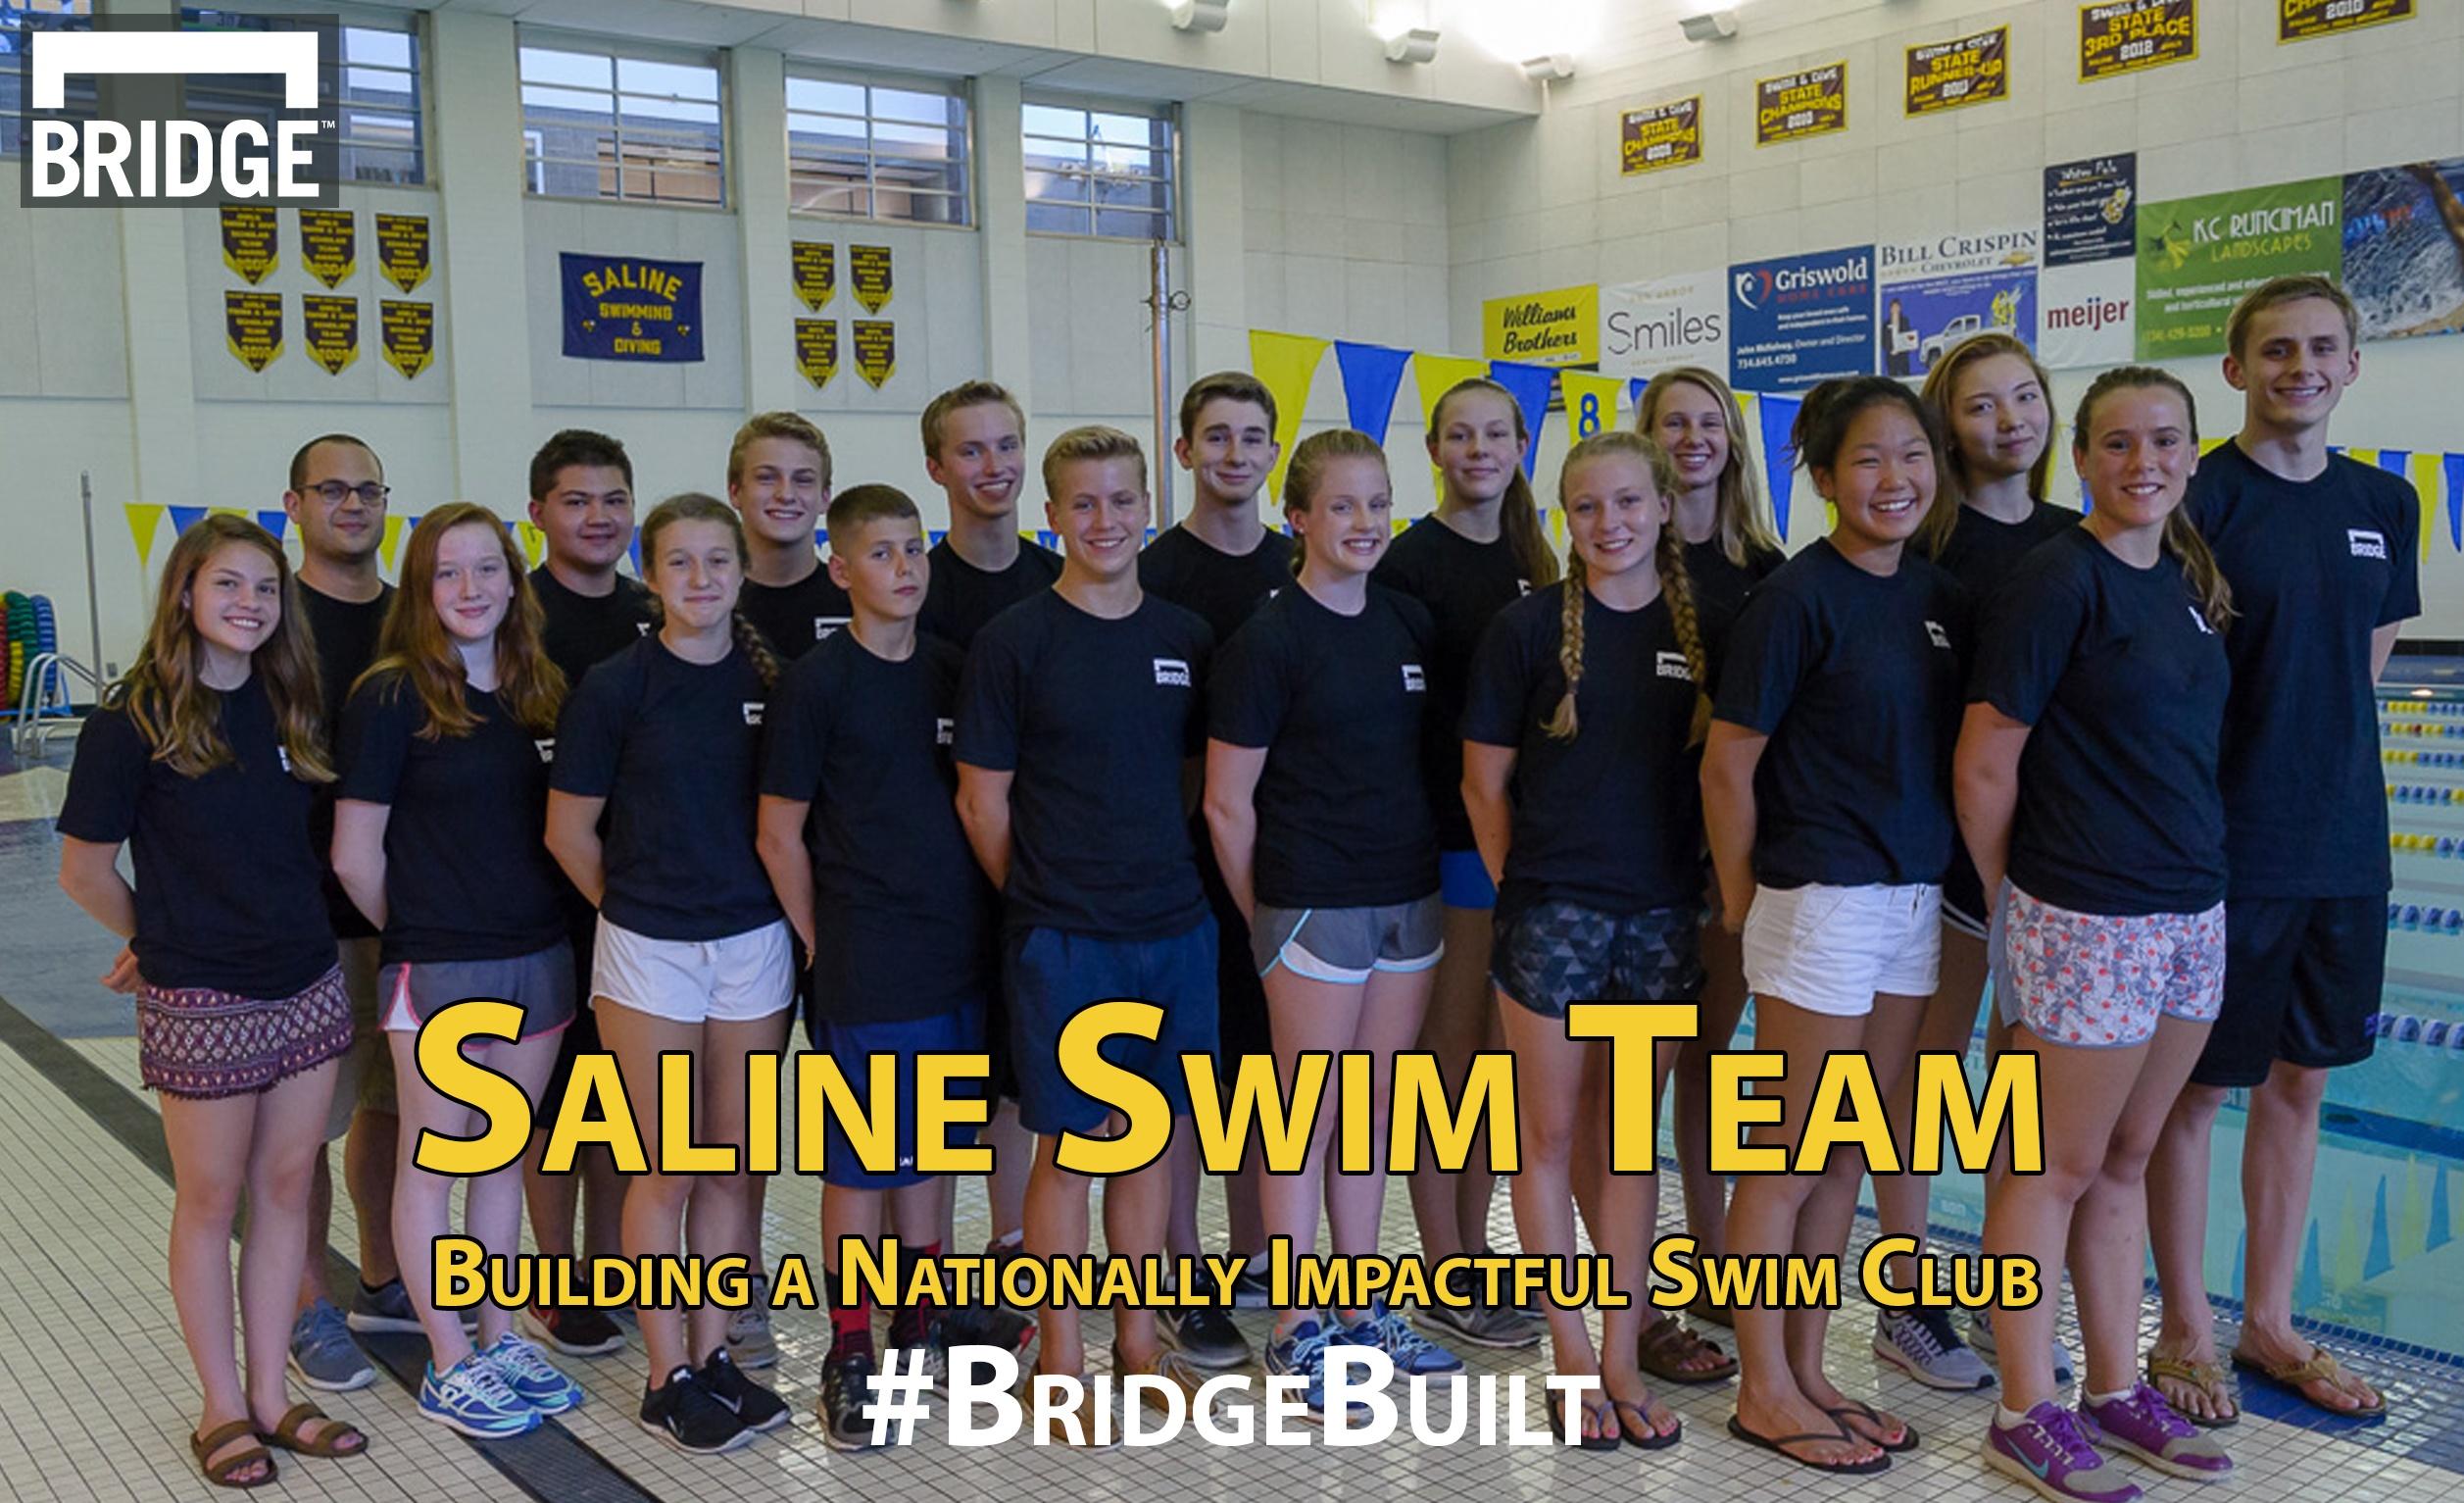 #BridgeBuilt Series: Saline Swim Team